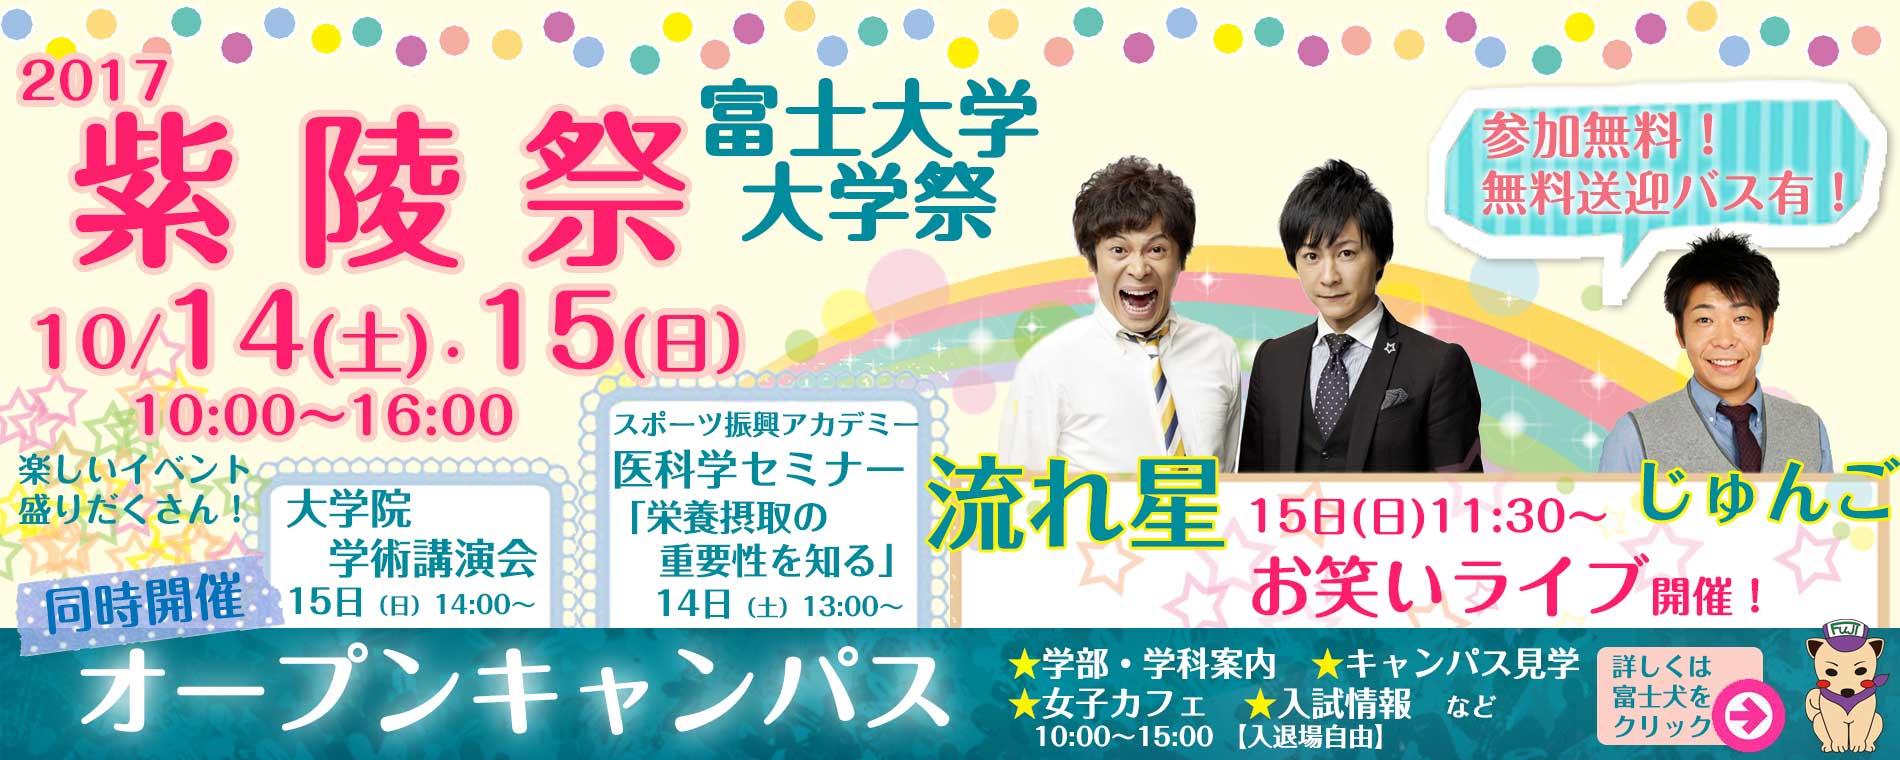 富士大学大学祭紫陵祭